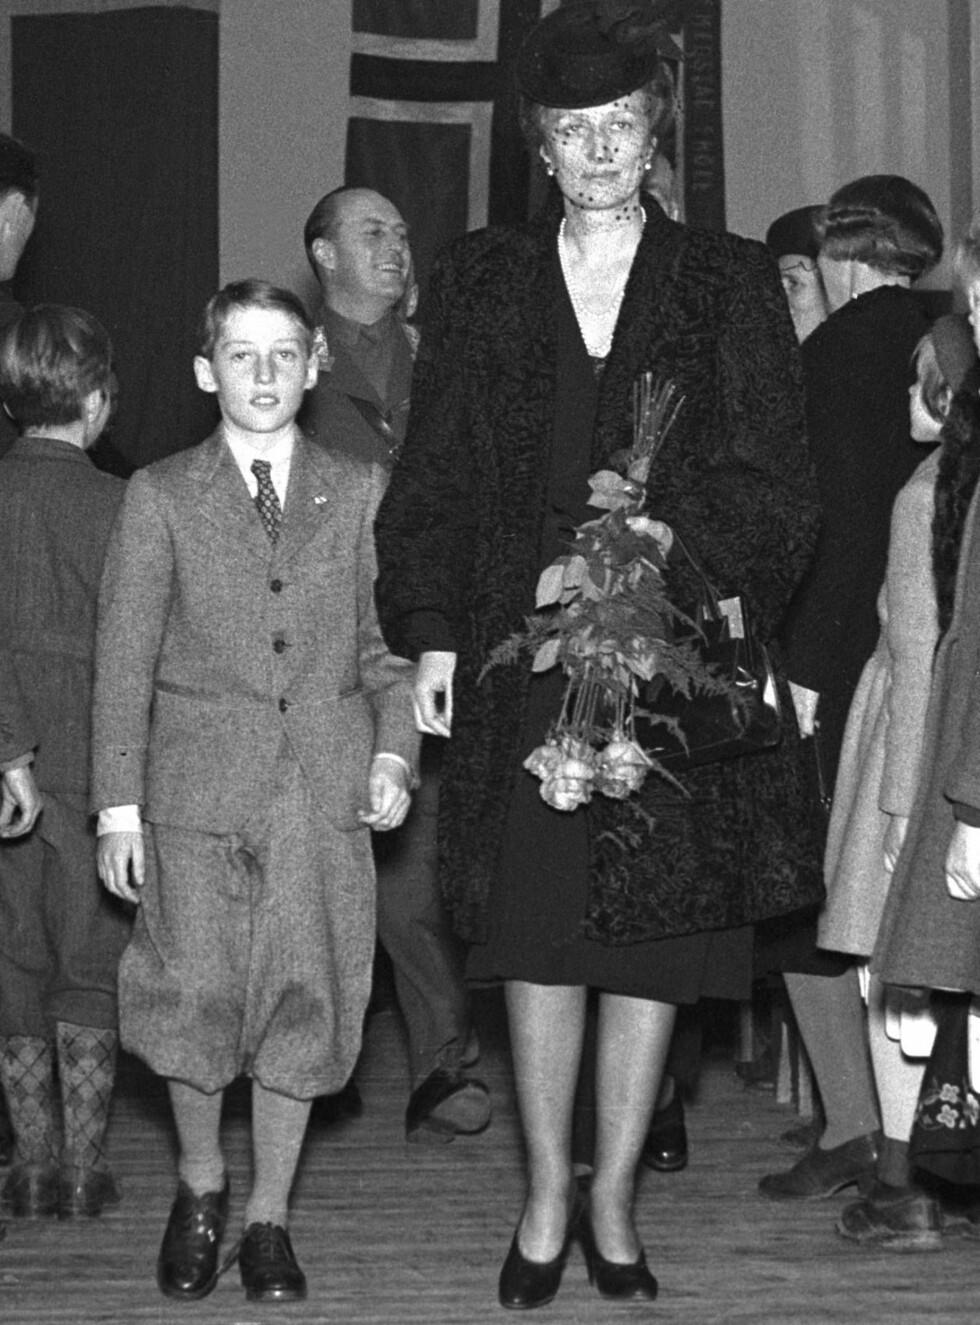 FIN BURSDAGSGAVE: Her er daværende prins Harald med sin mor under åpningen av Smestad skole. Foto: SCANPIX